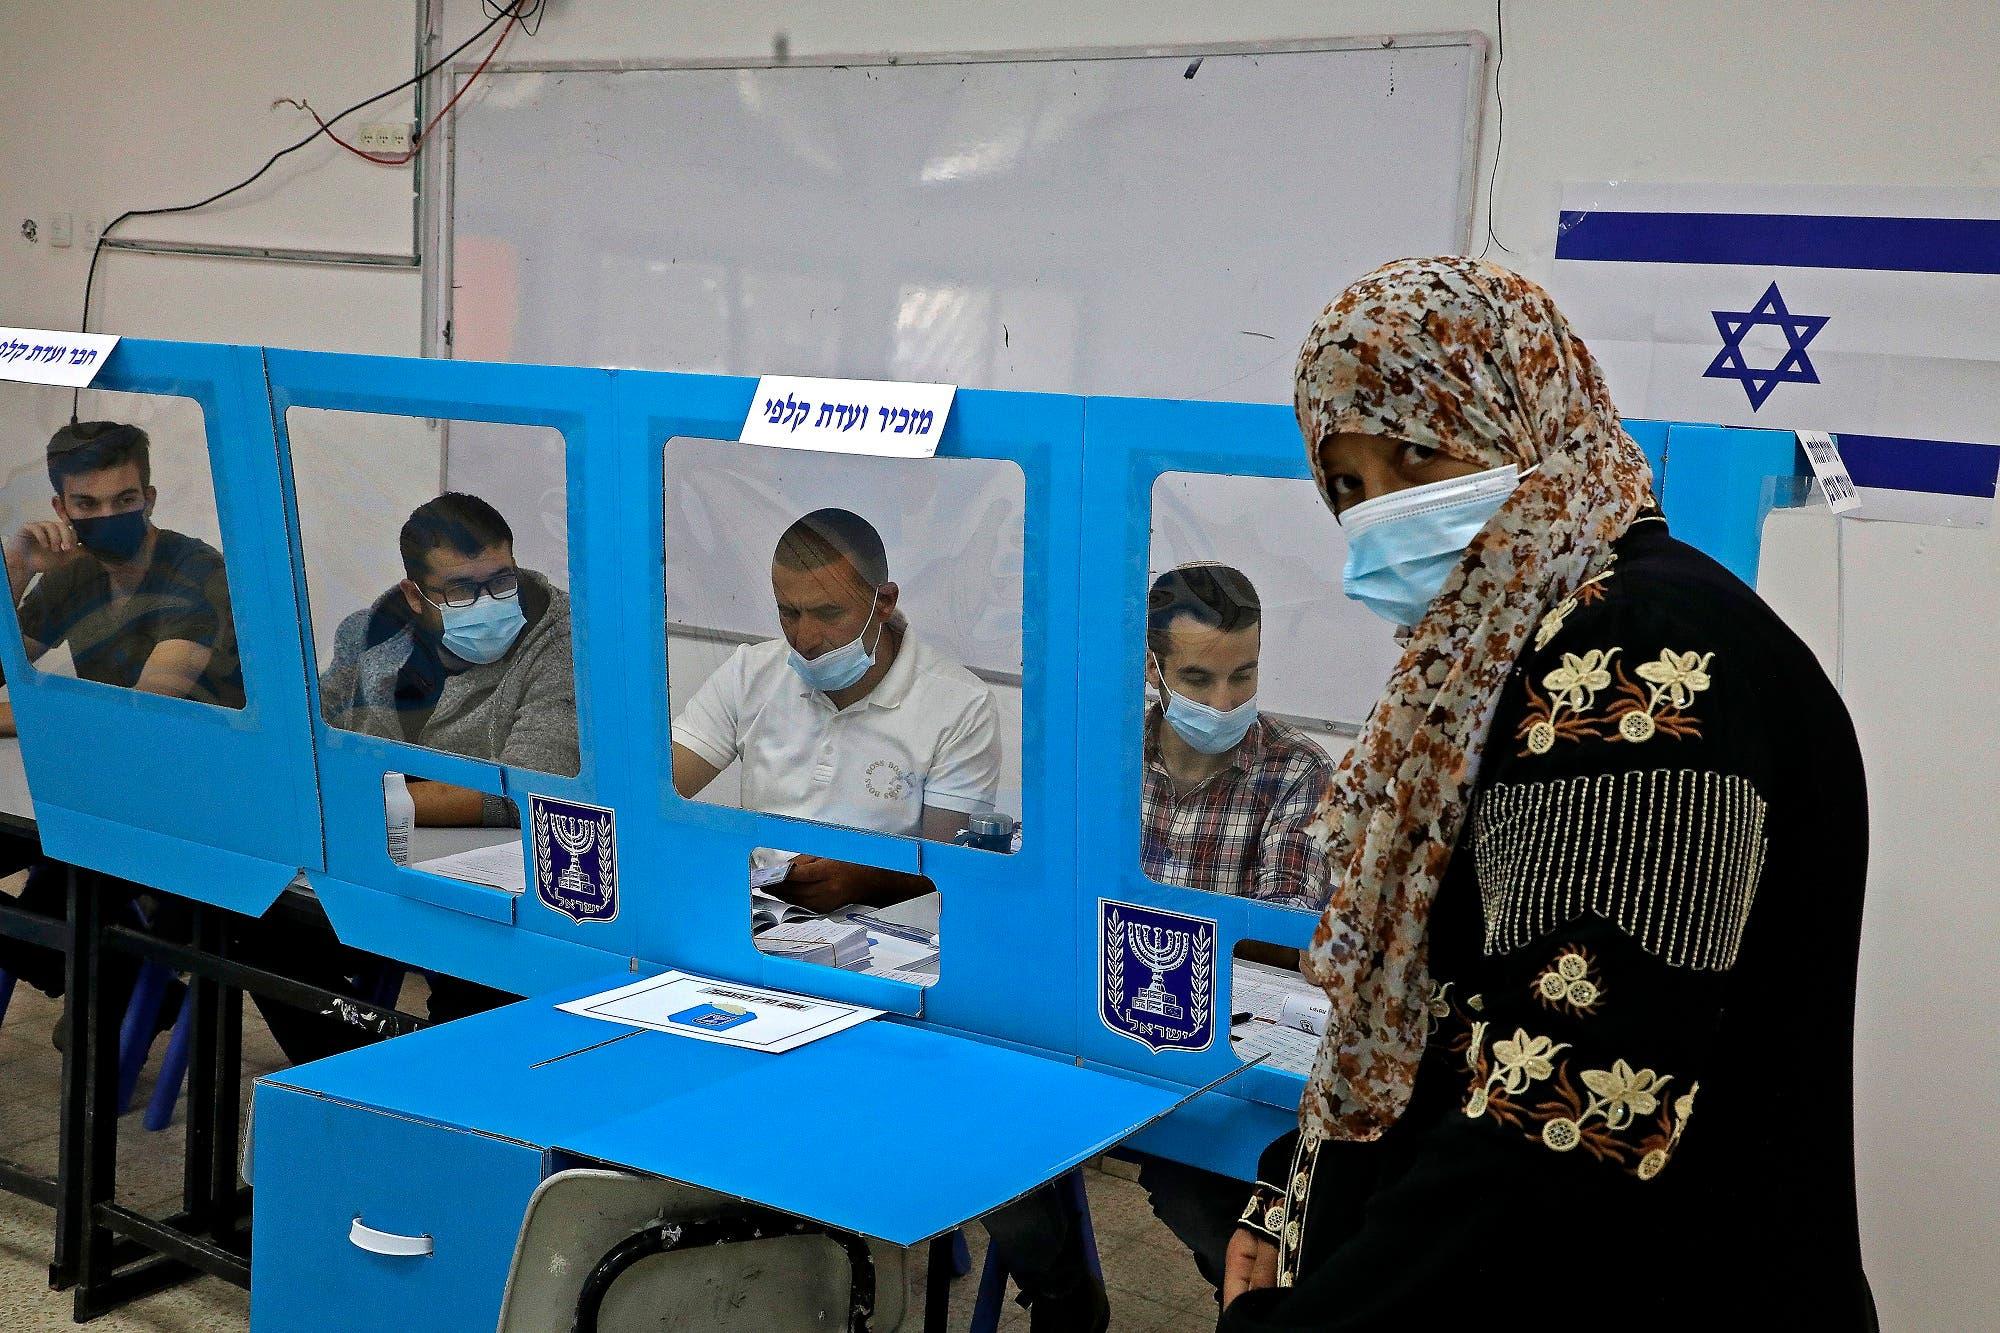 انتخابات في إسرائيل (فرانس برس)